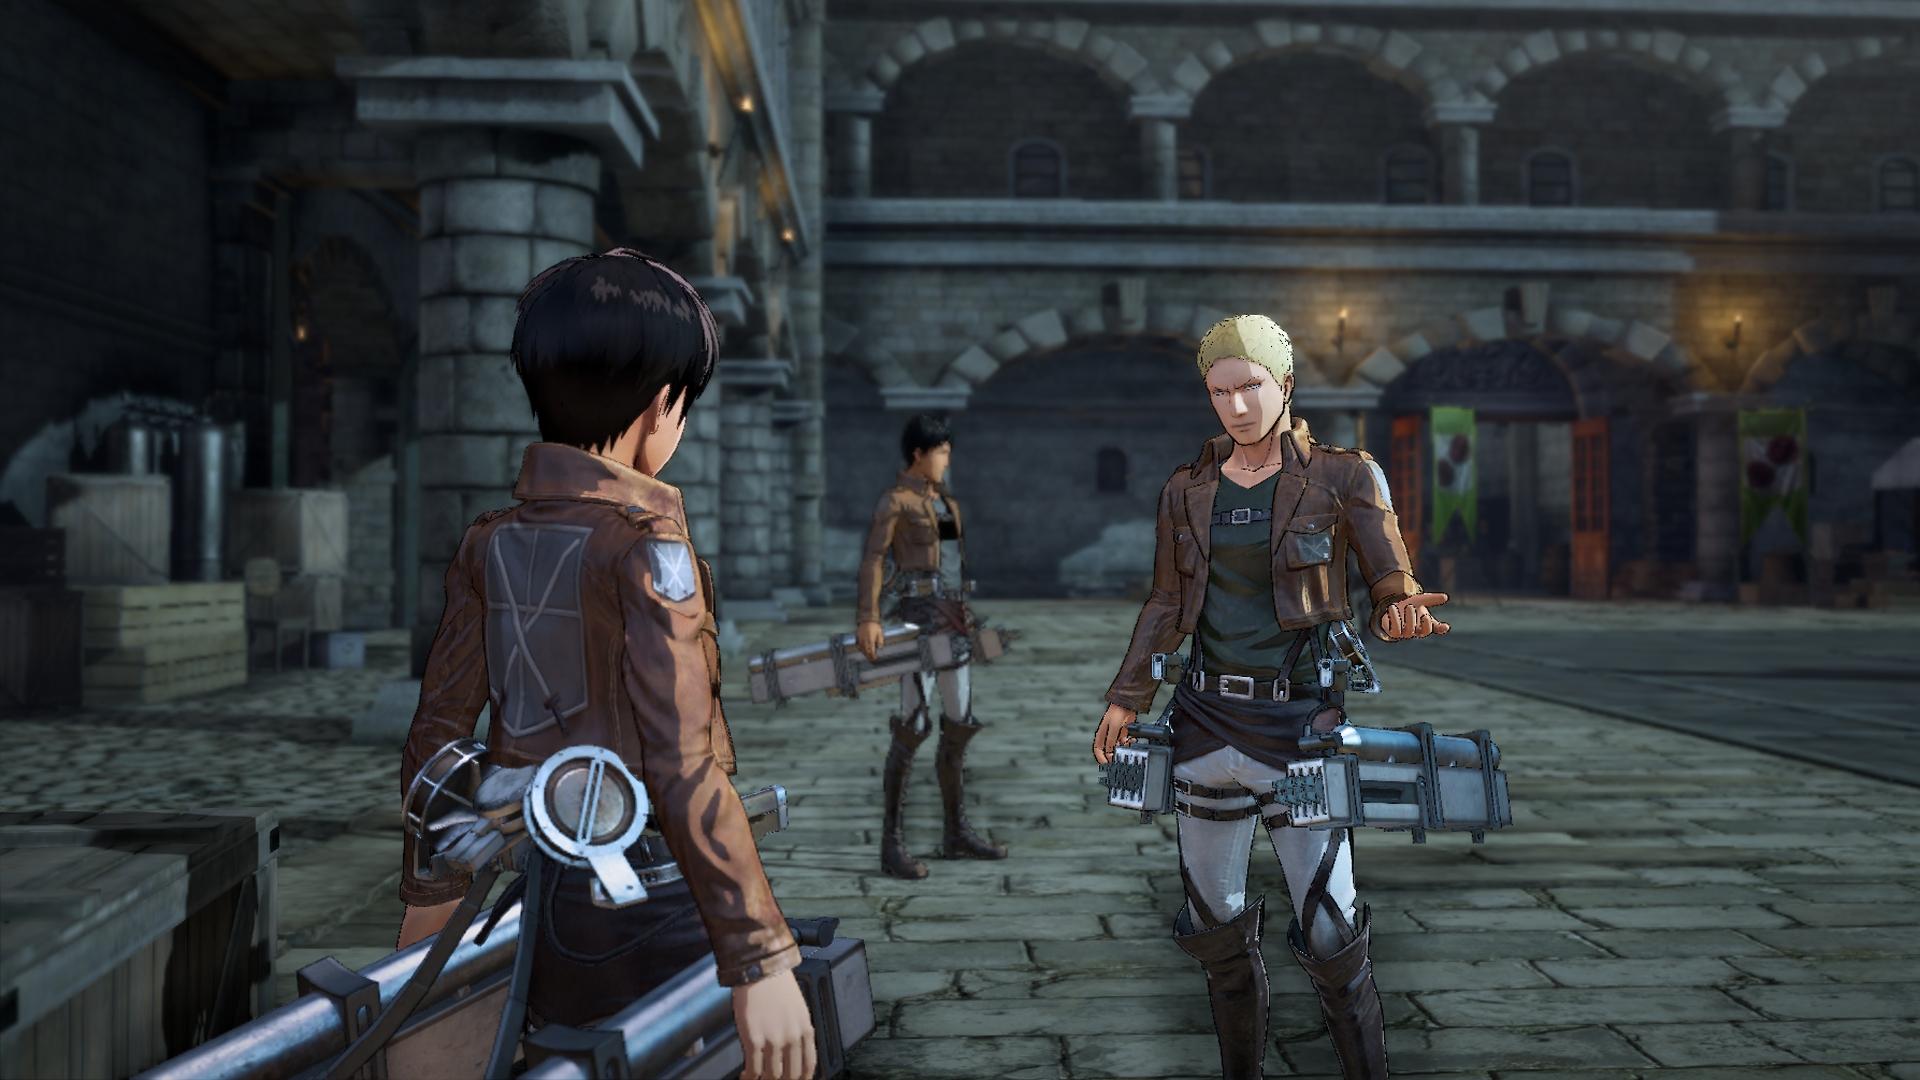 Attack on Titan vychází v srpnu také na Xbox One a PC 122039